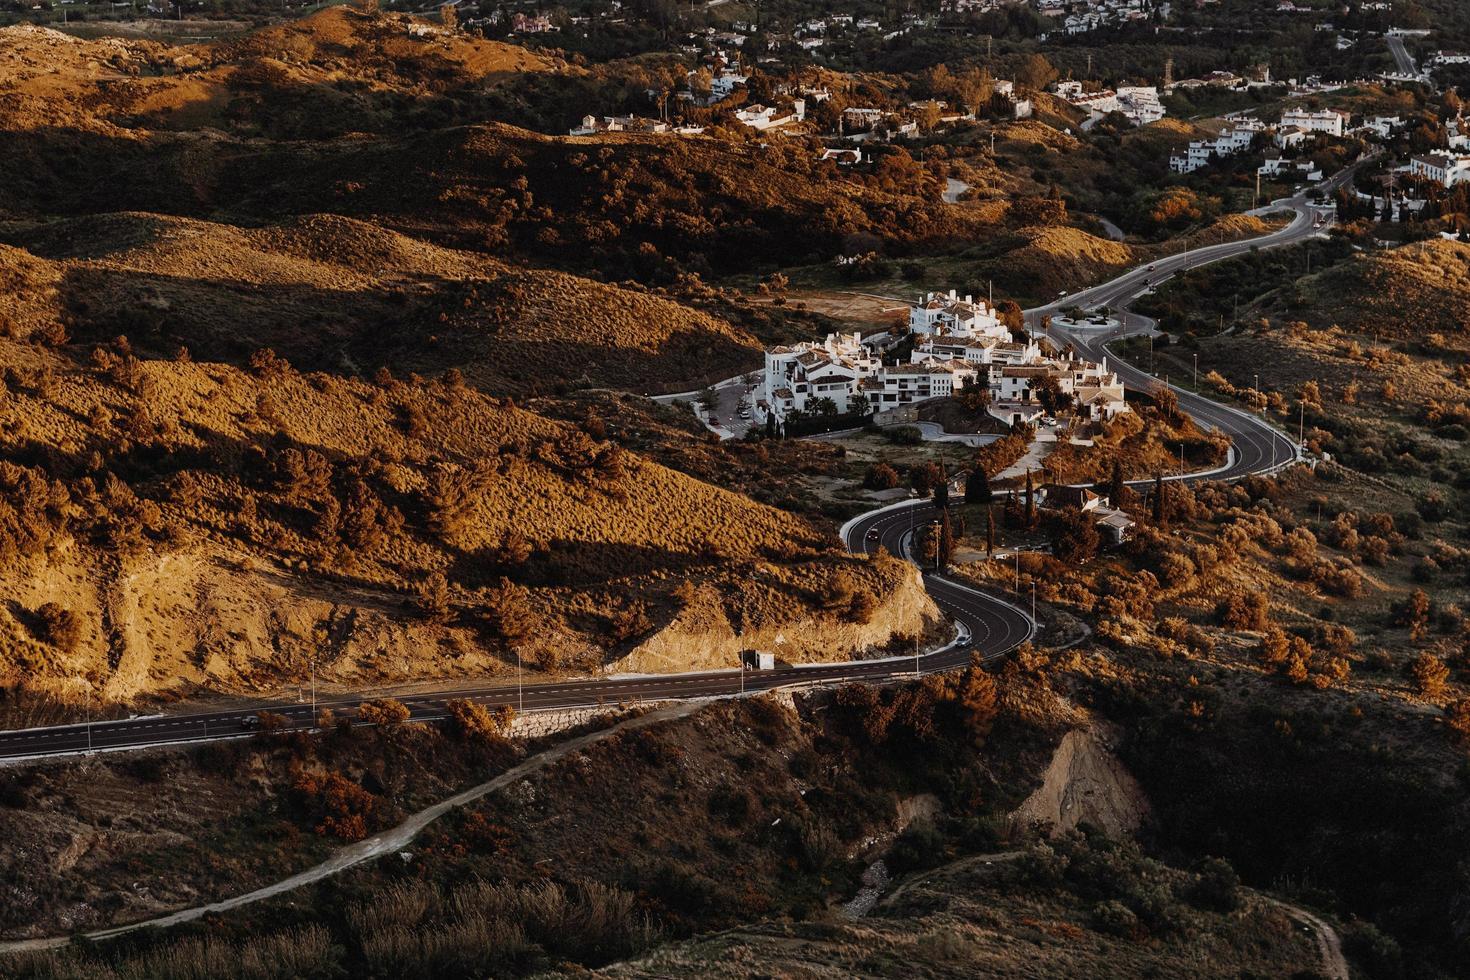 veduta aerea della strada ventosa in autunno foto